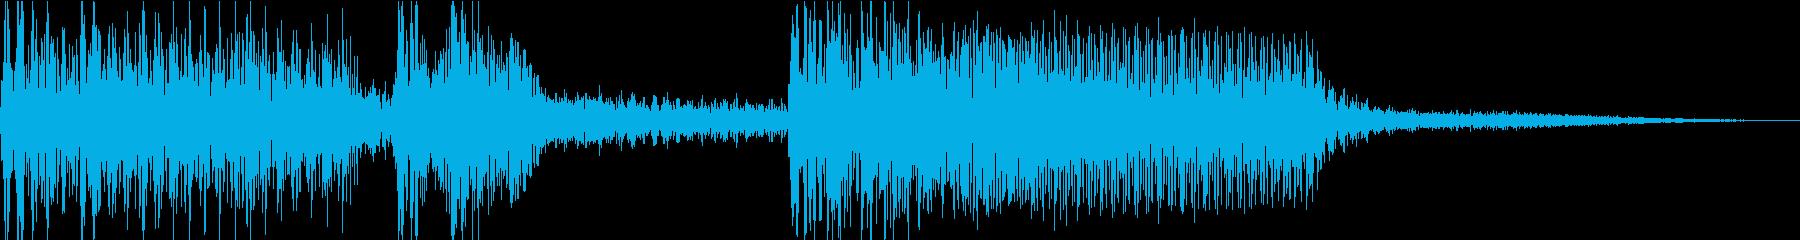 少し懐かしめのヒーローサウンドロゴですの再生済みの波形